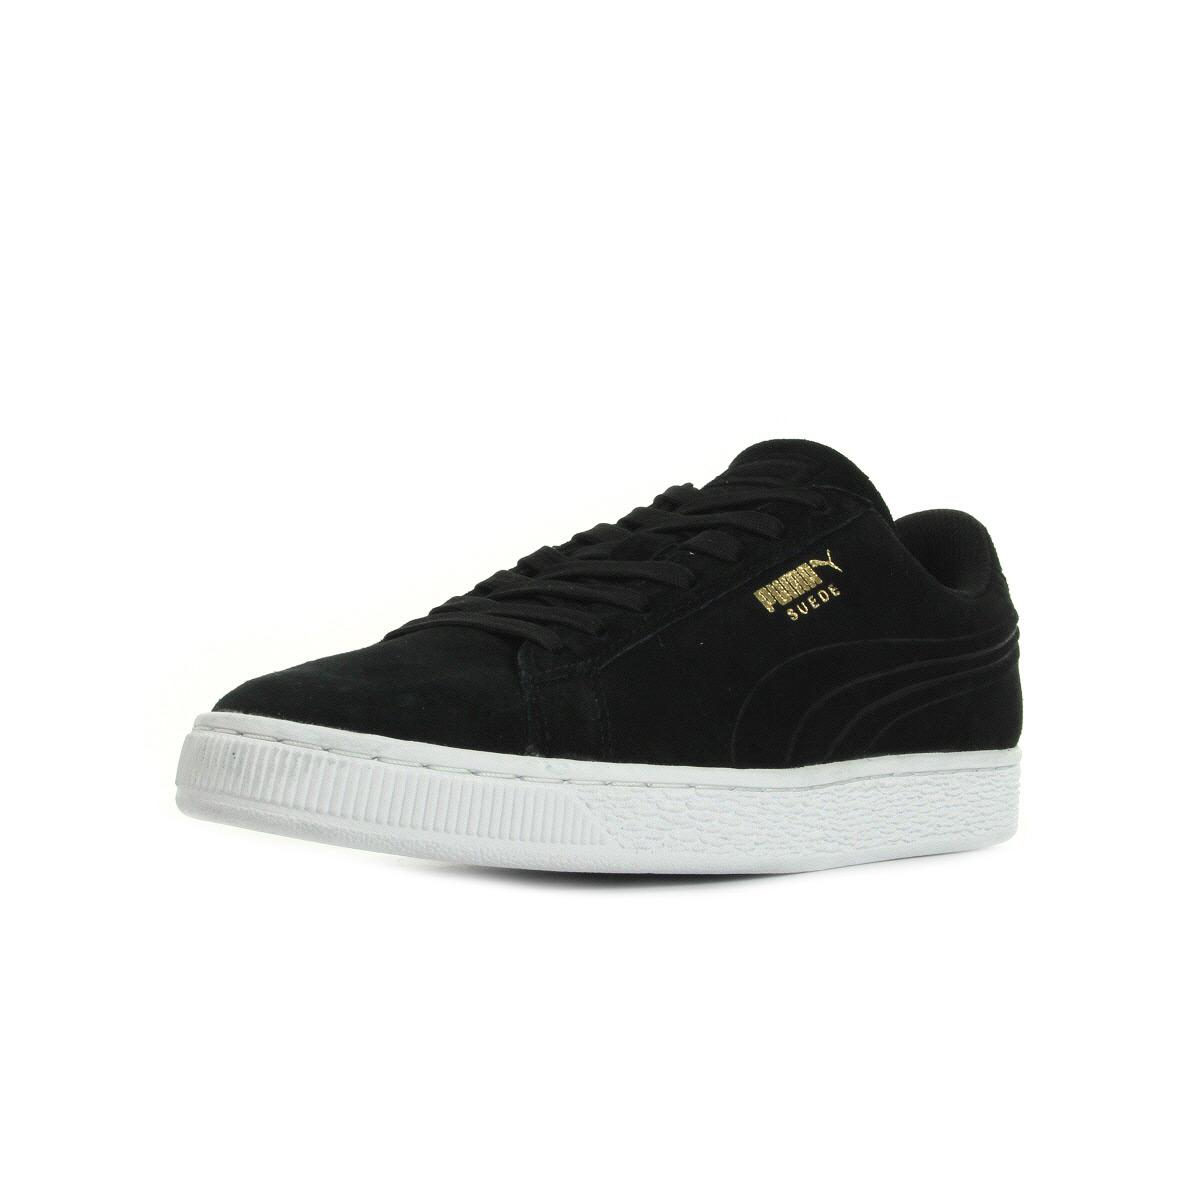 Chaussures Baskets Puma unisexe Suede Classic Citi Black taille Noir Noire Cuir